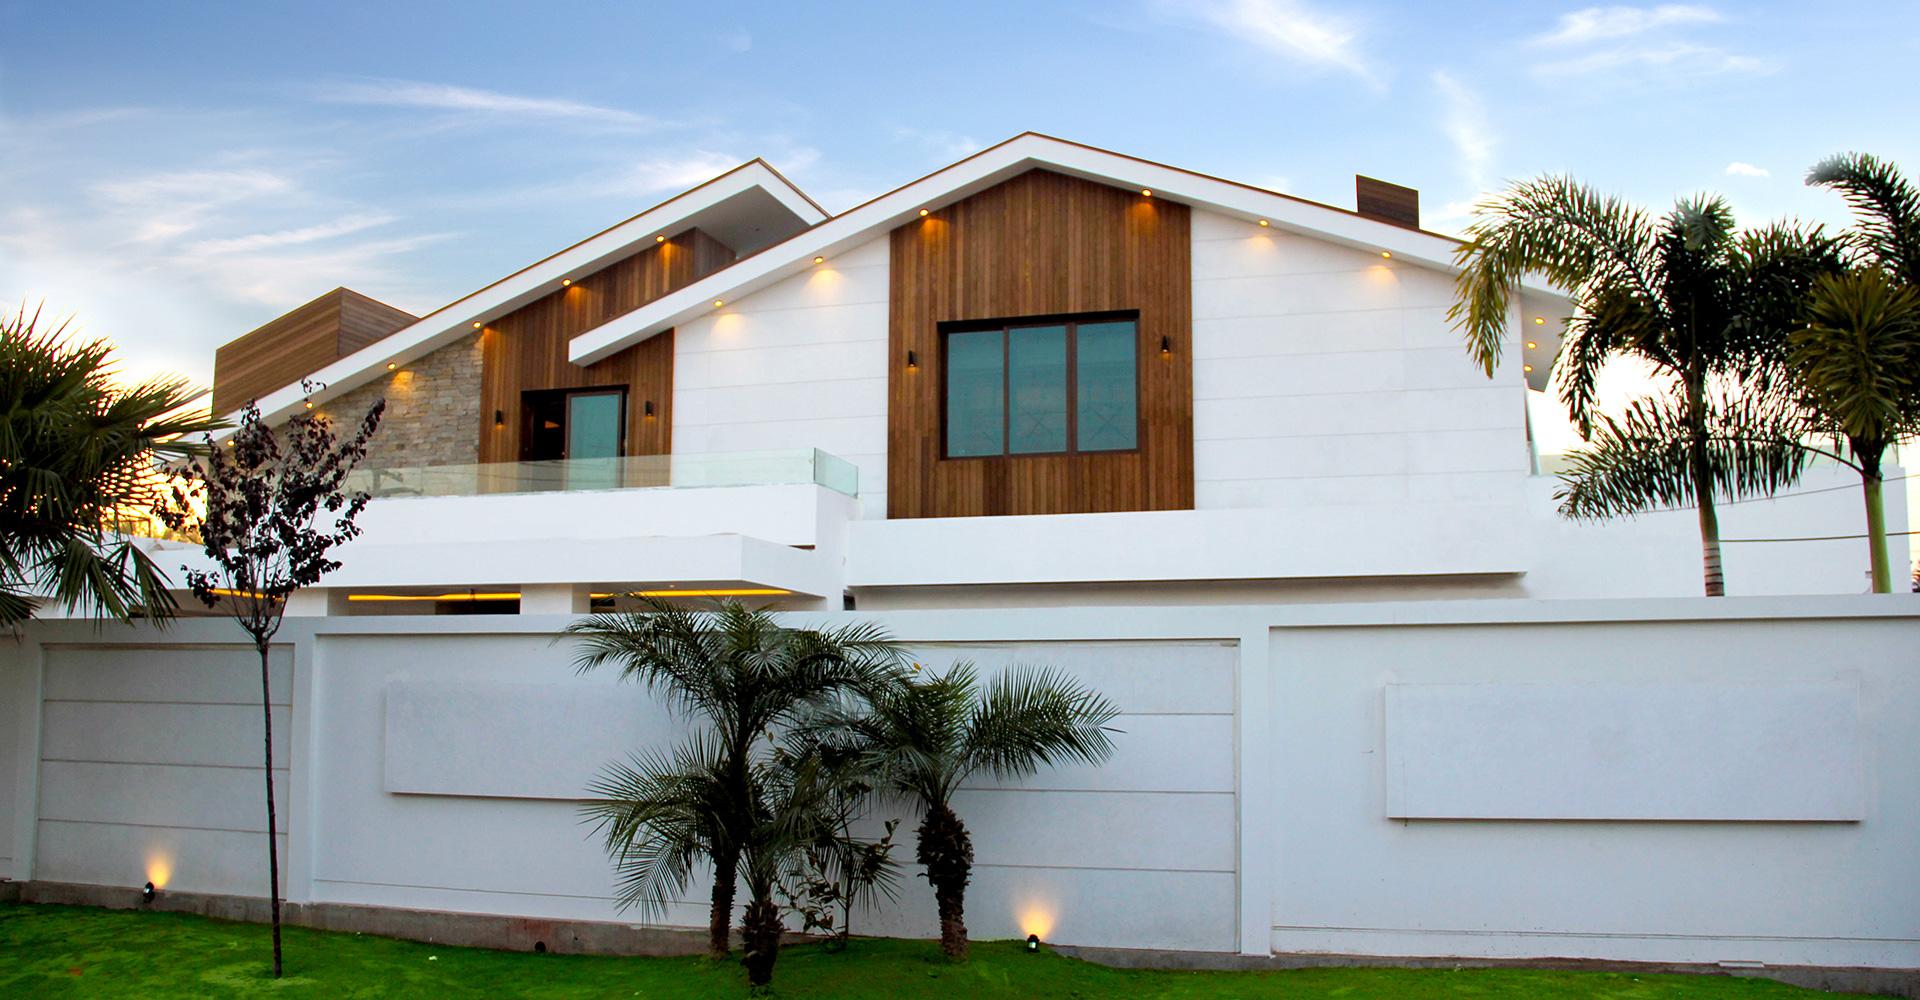 Residential-Interior-Design-Hiline-Lahore-portfolio-65J-DHA-EME-05 (2)